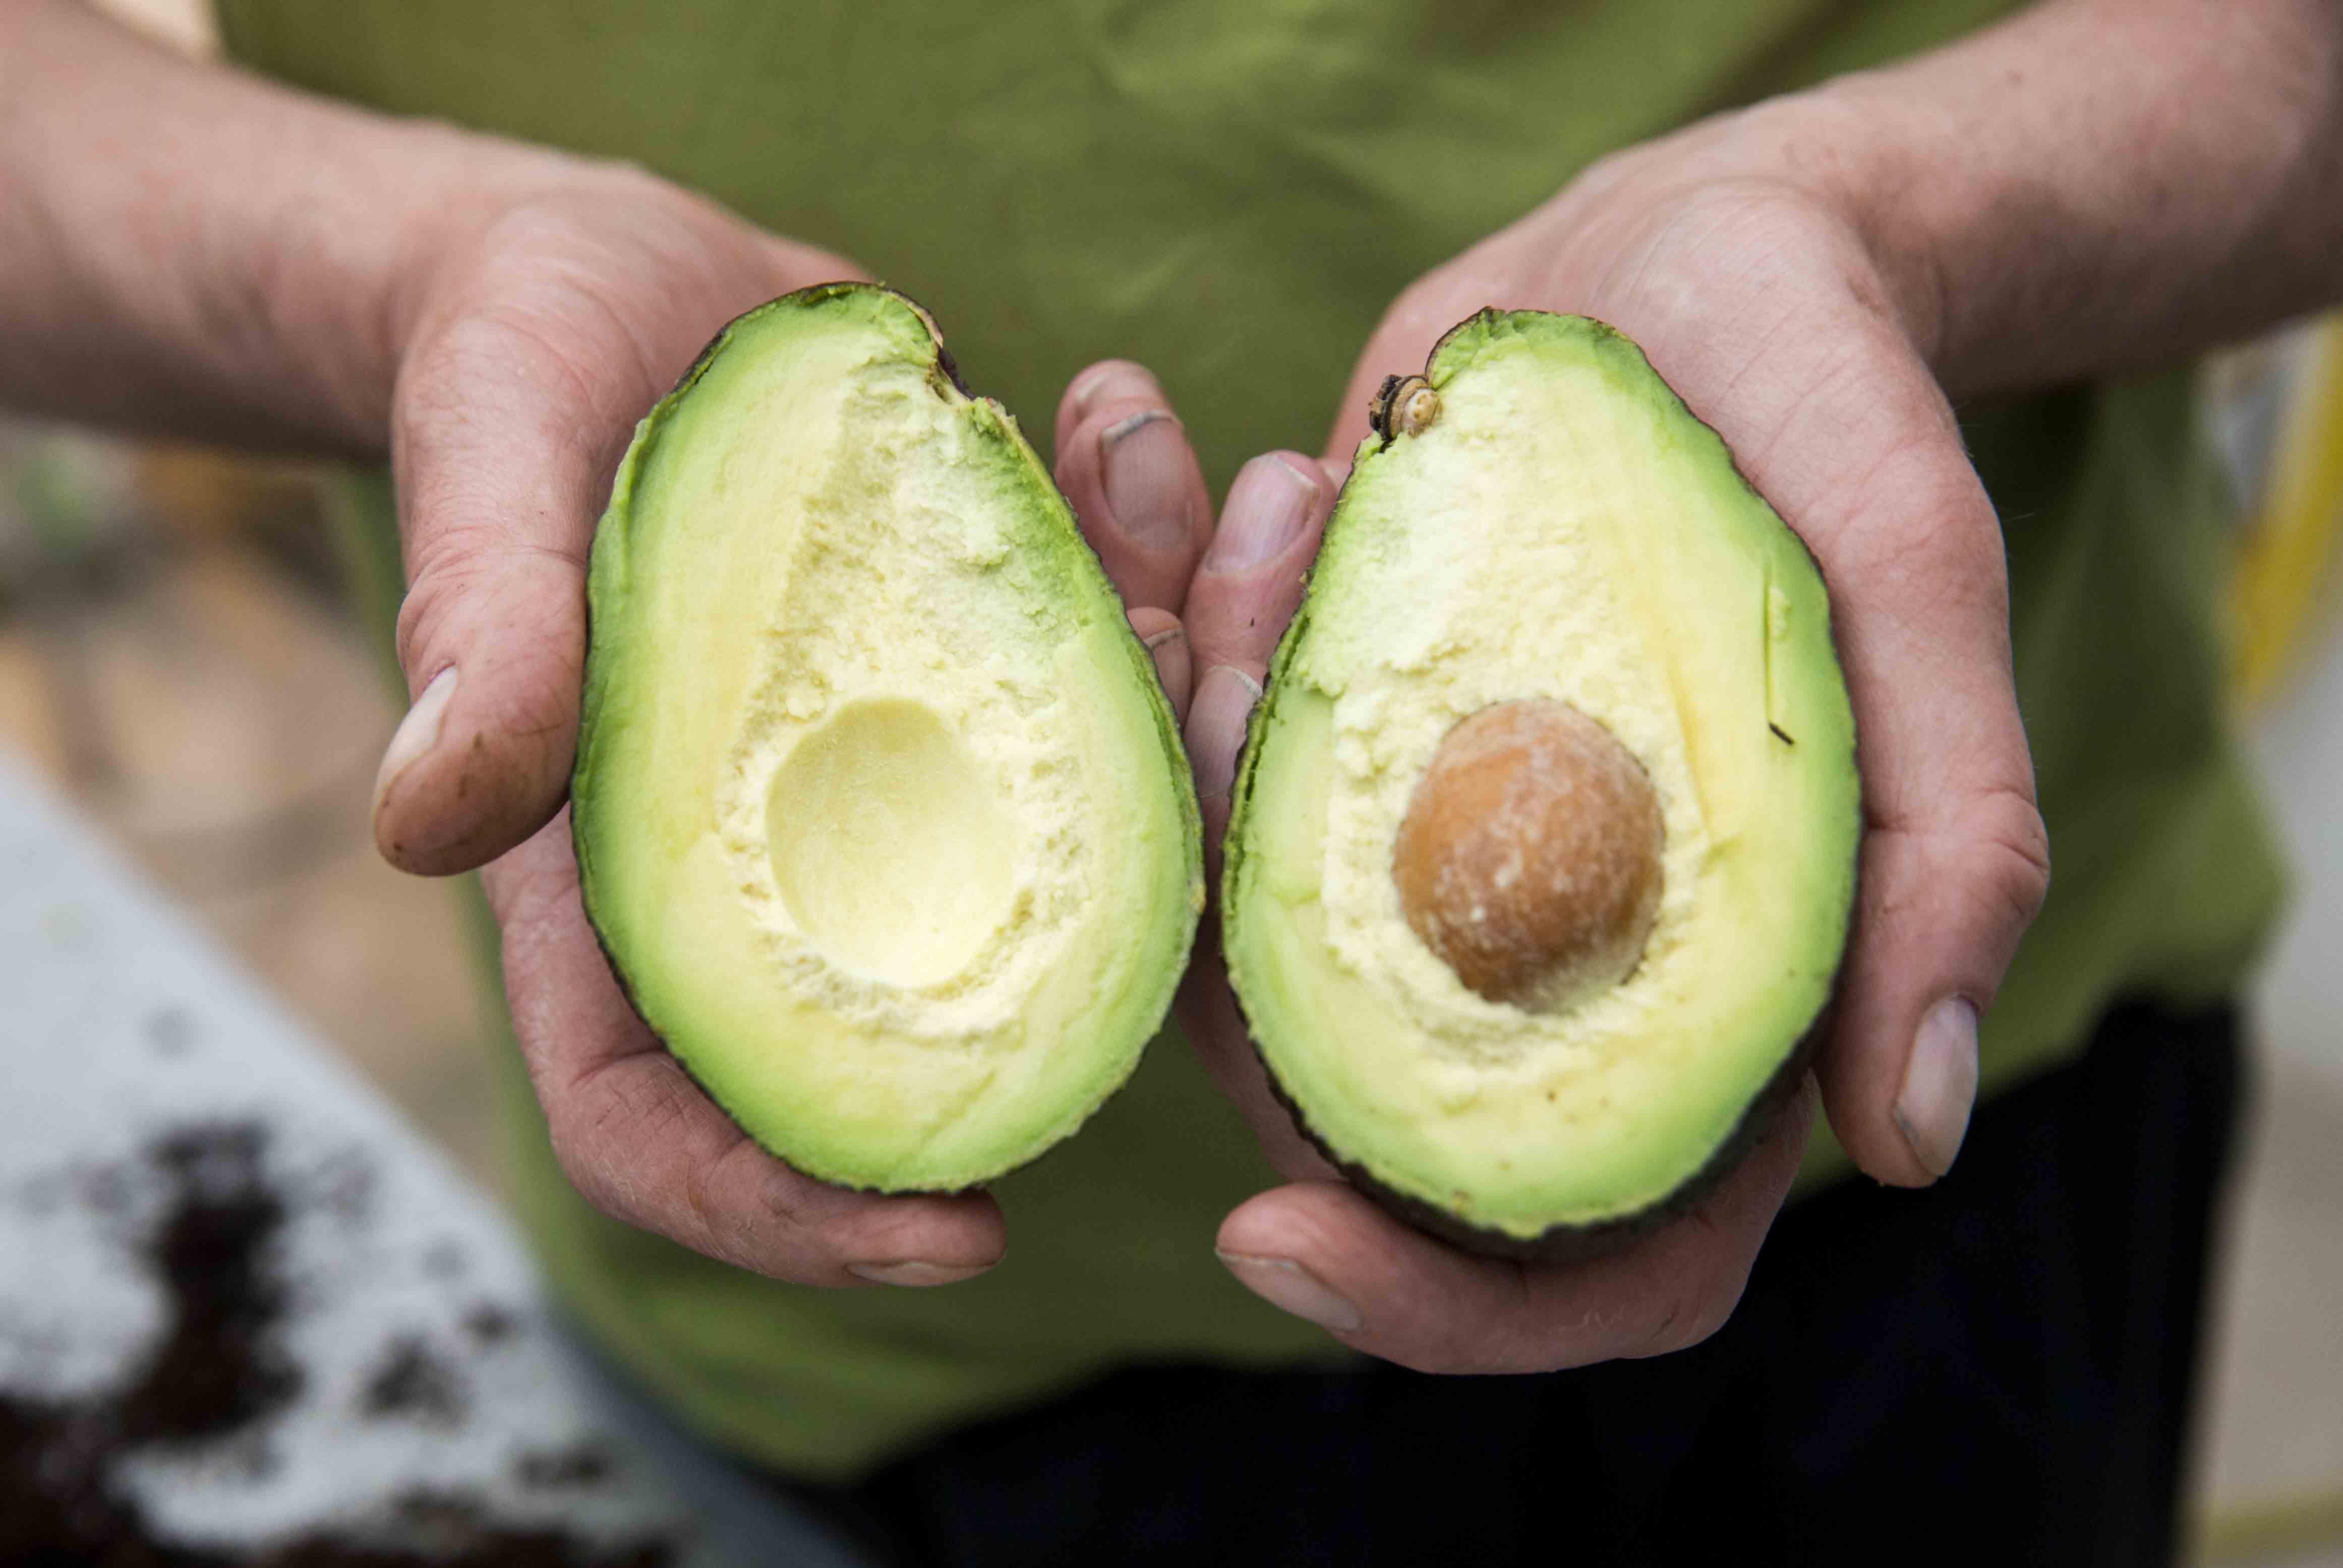 Dette Kan Skje Med Kroppen Din Om Du Spiser Avokado Hver Dag